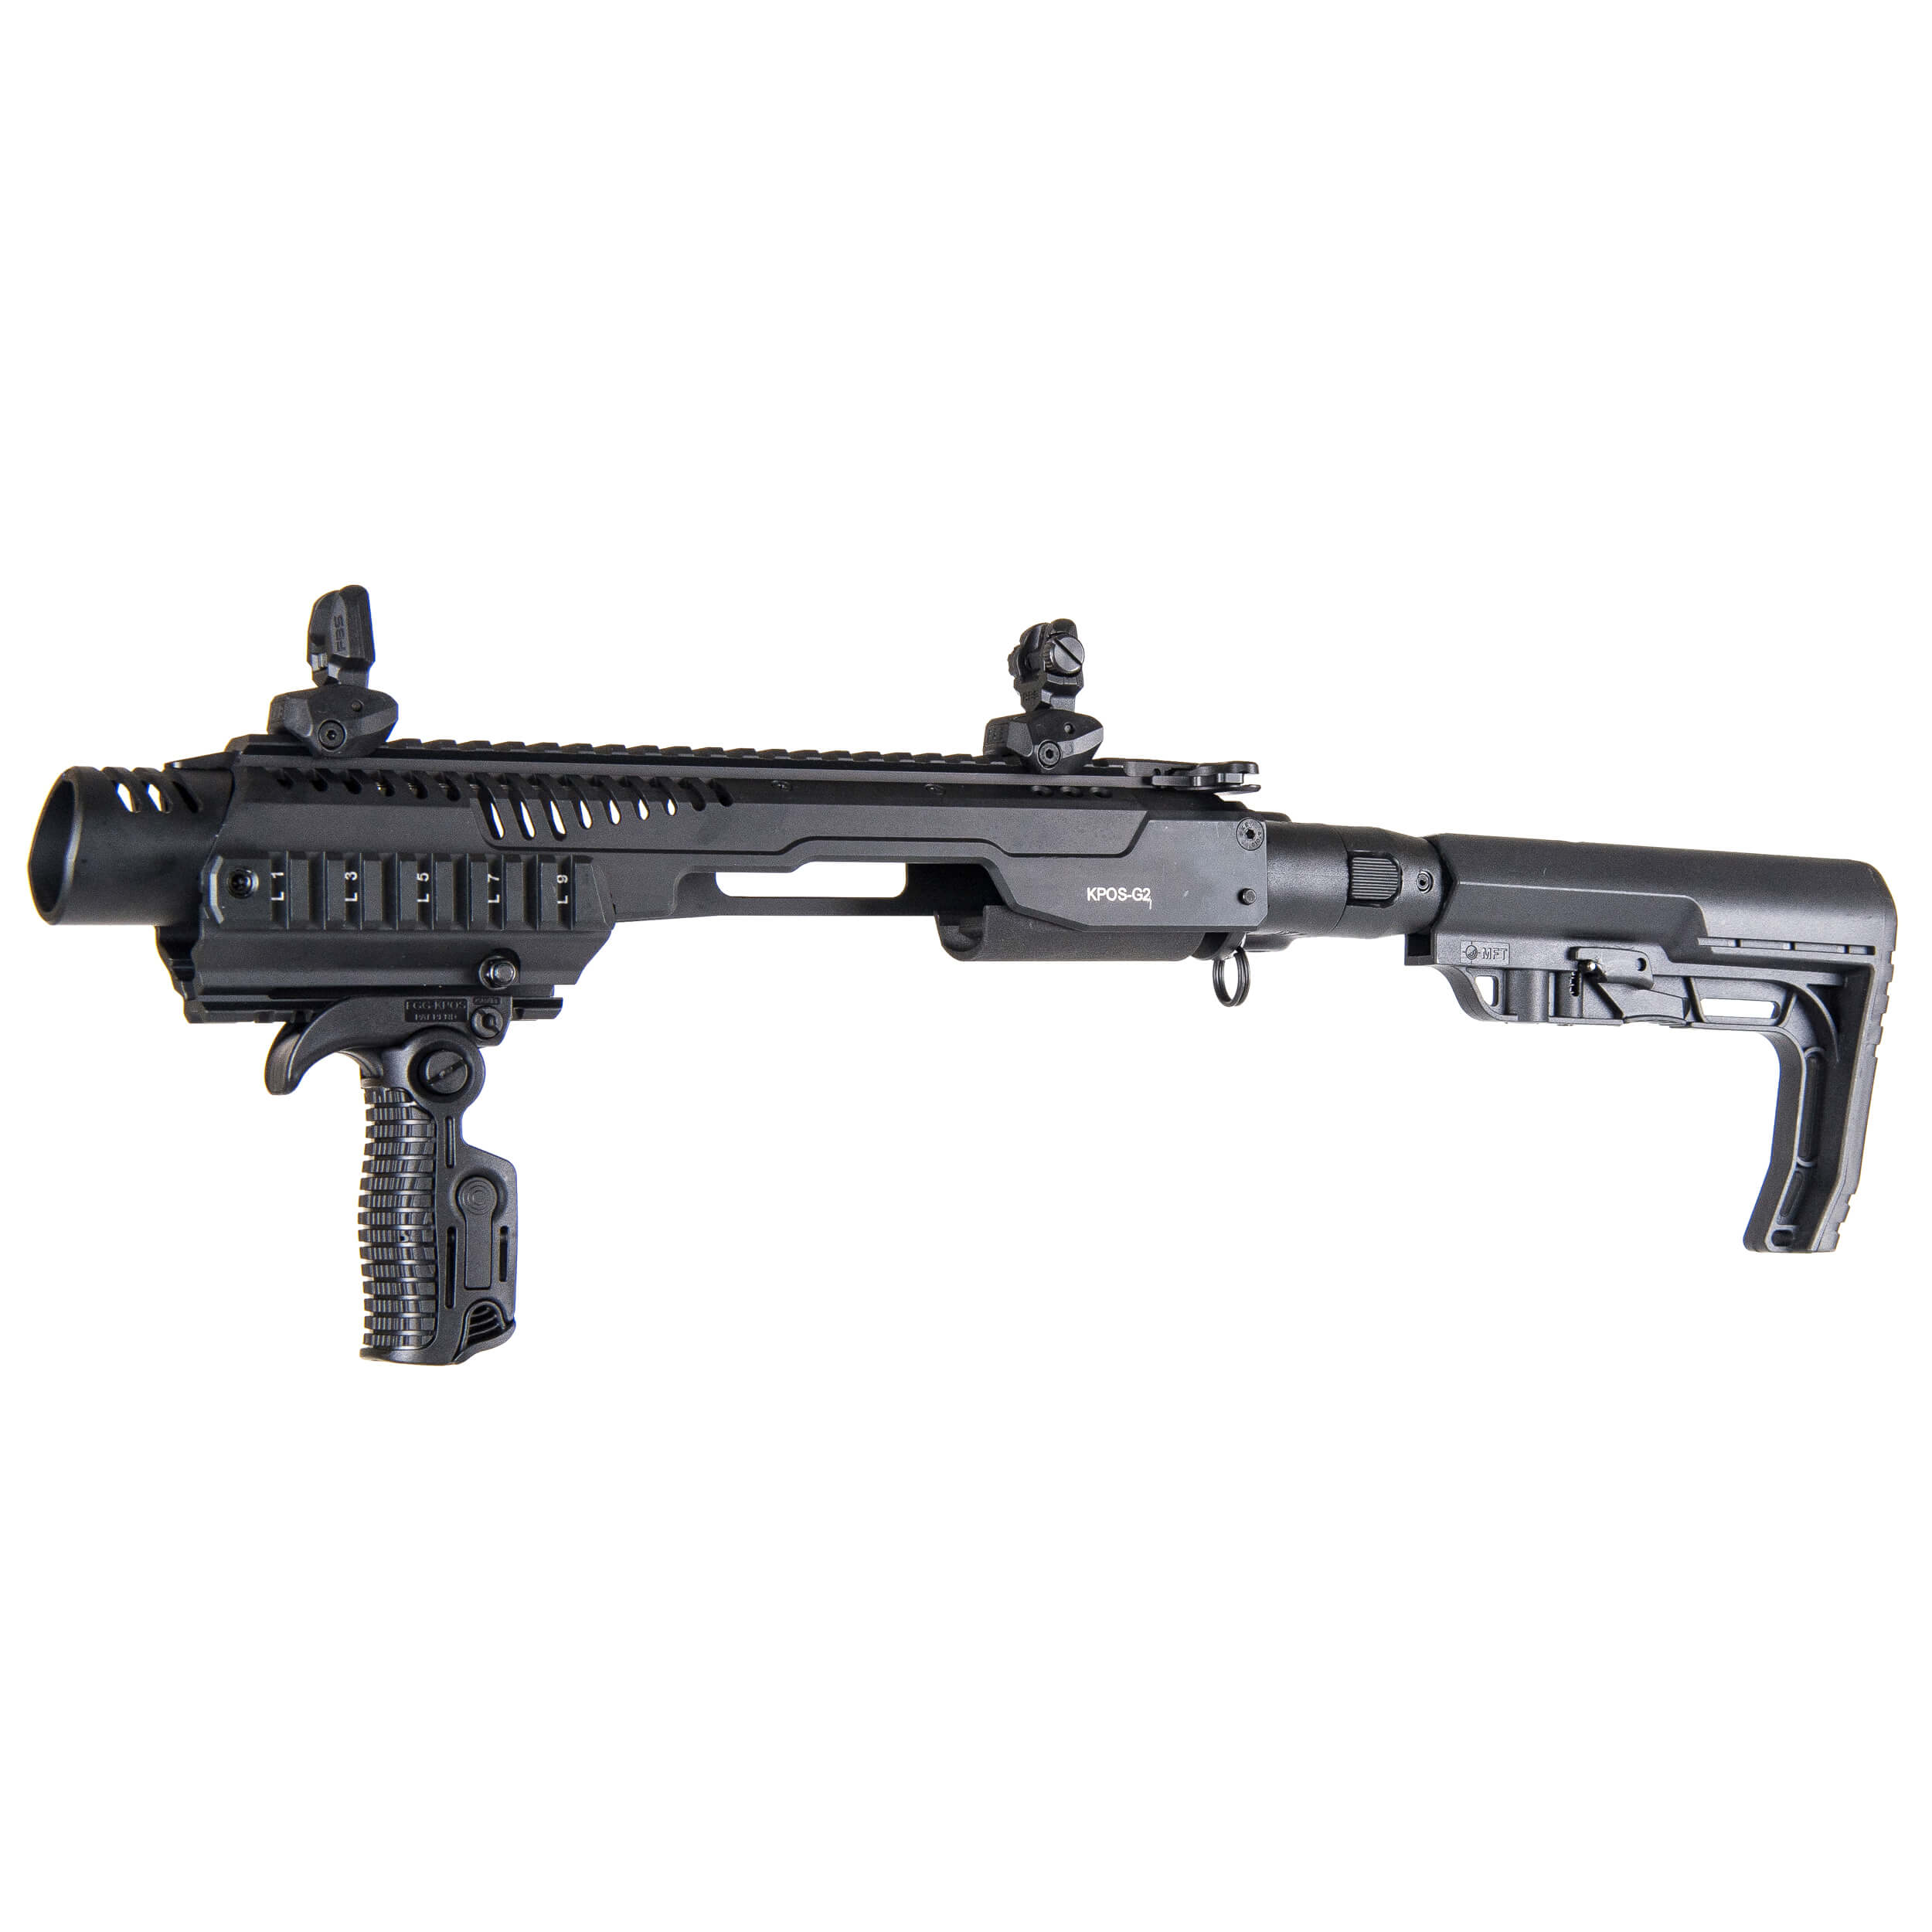 KPOS G2 - M4 Glock 17/19